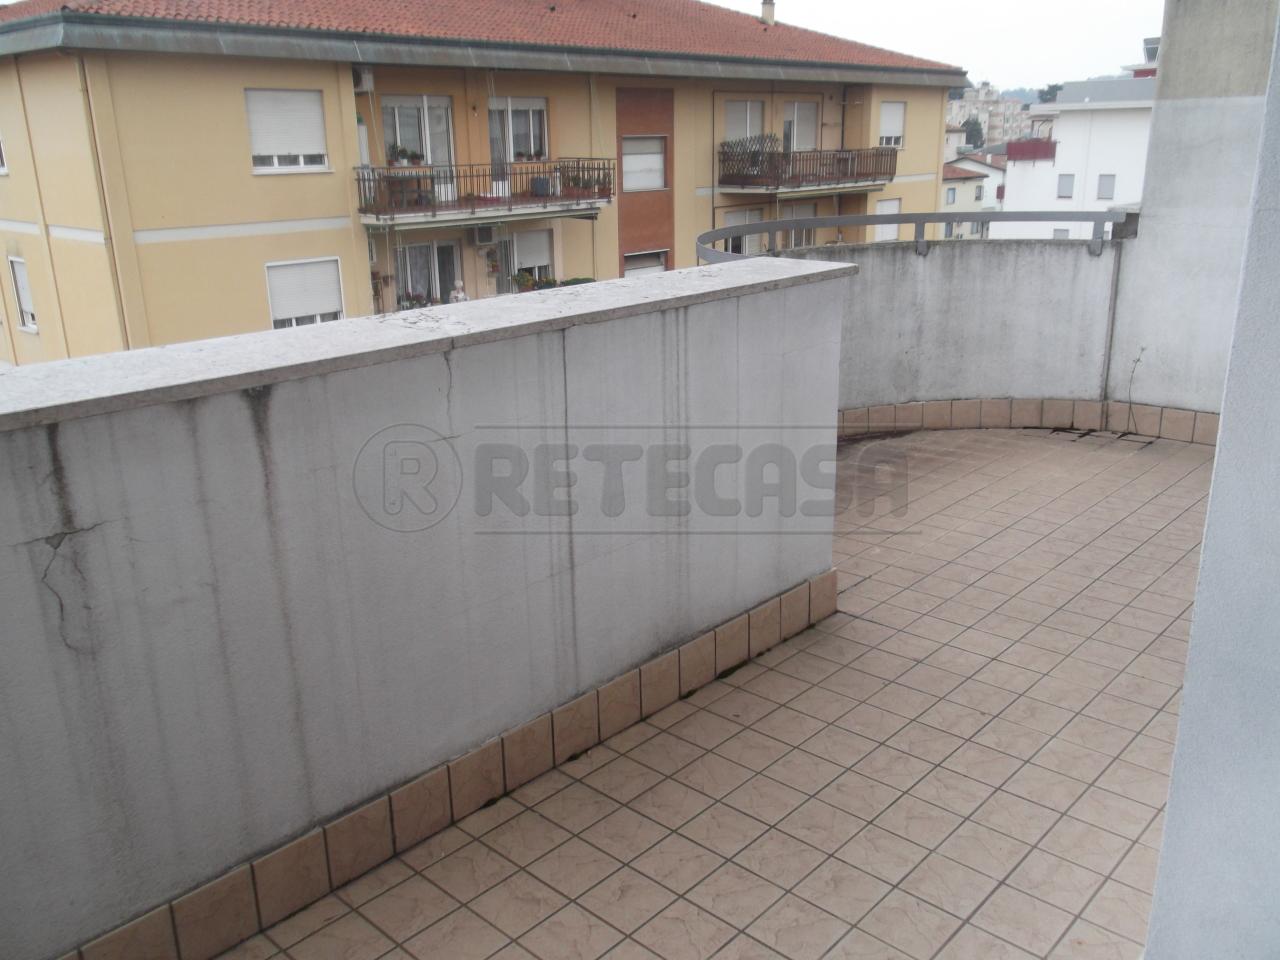 Appartamento in vendita a Vicenza, 4 locali, prezzo € 115.000 | Cambio Casa.it